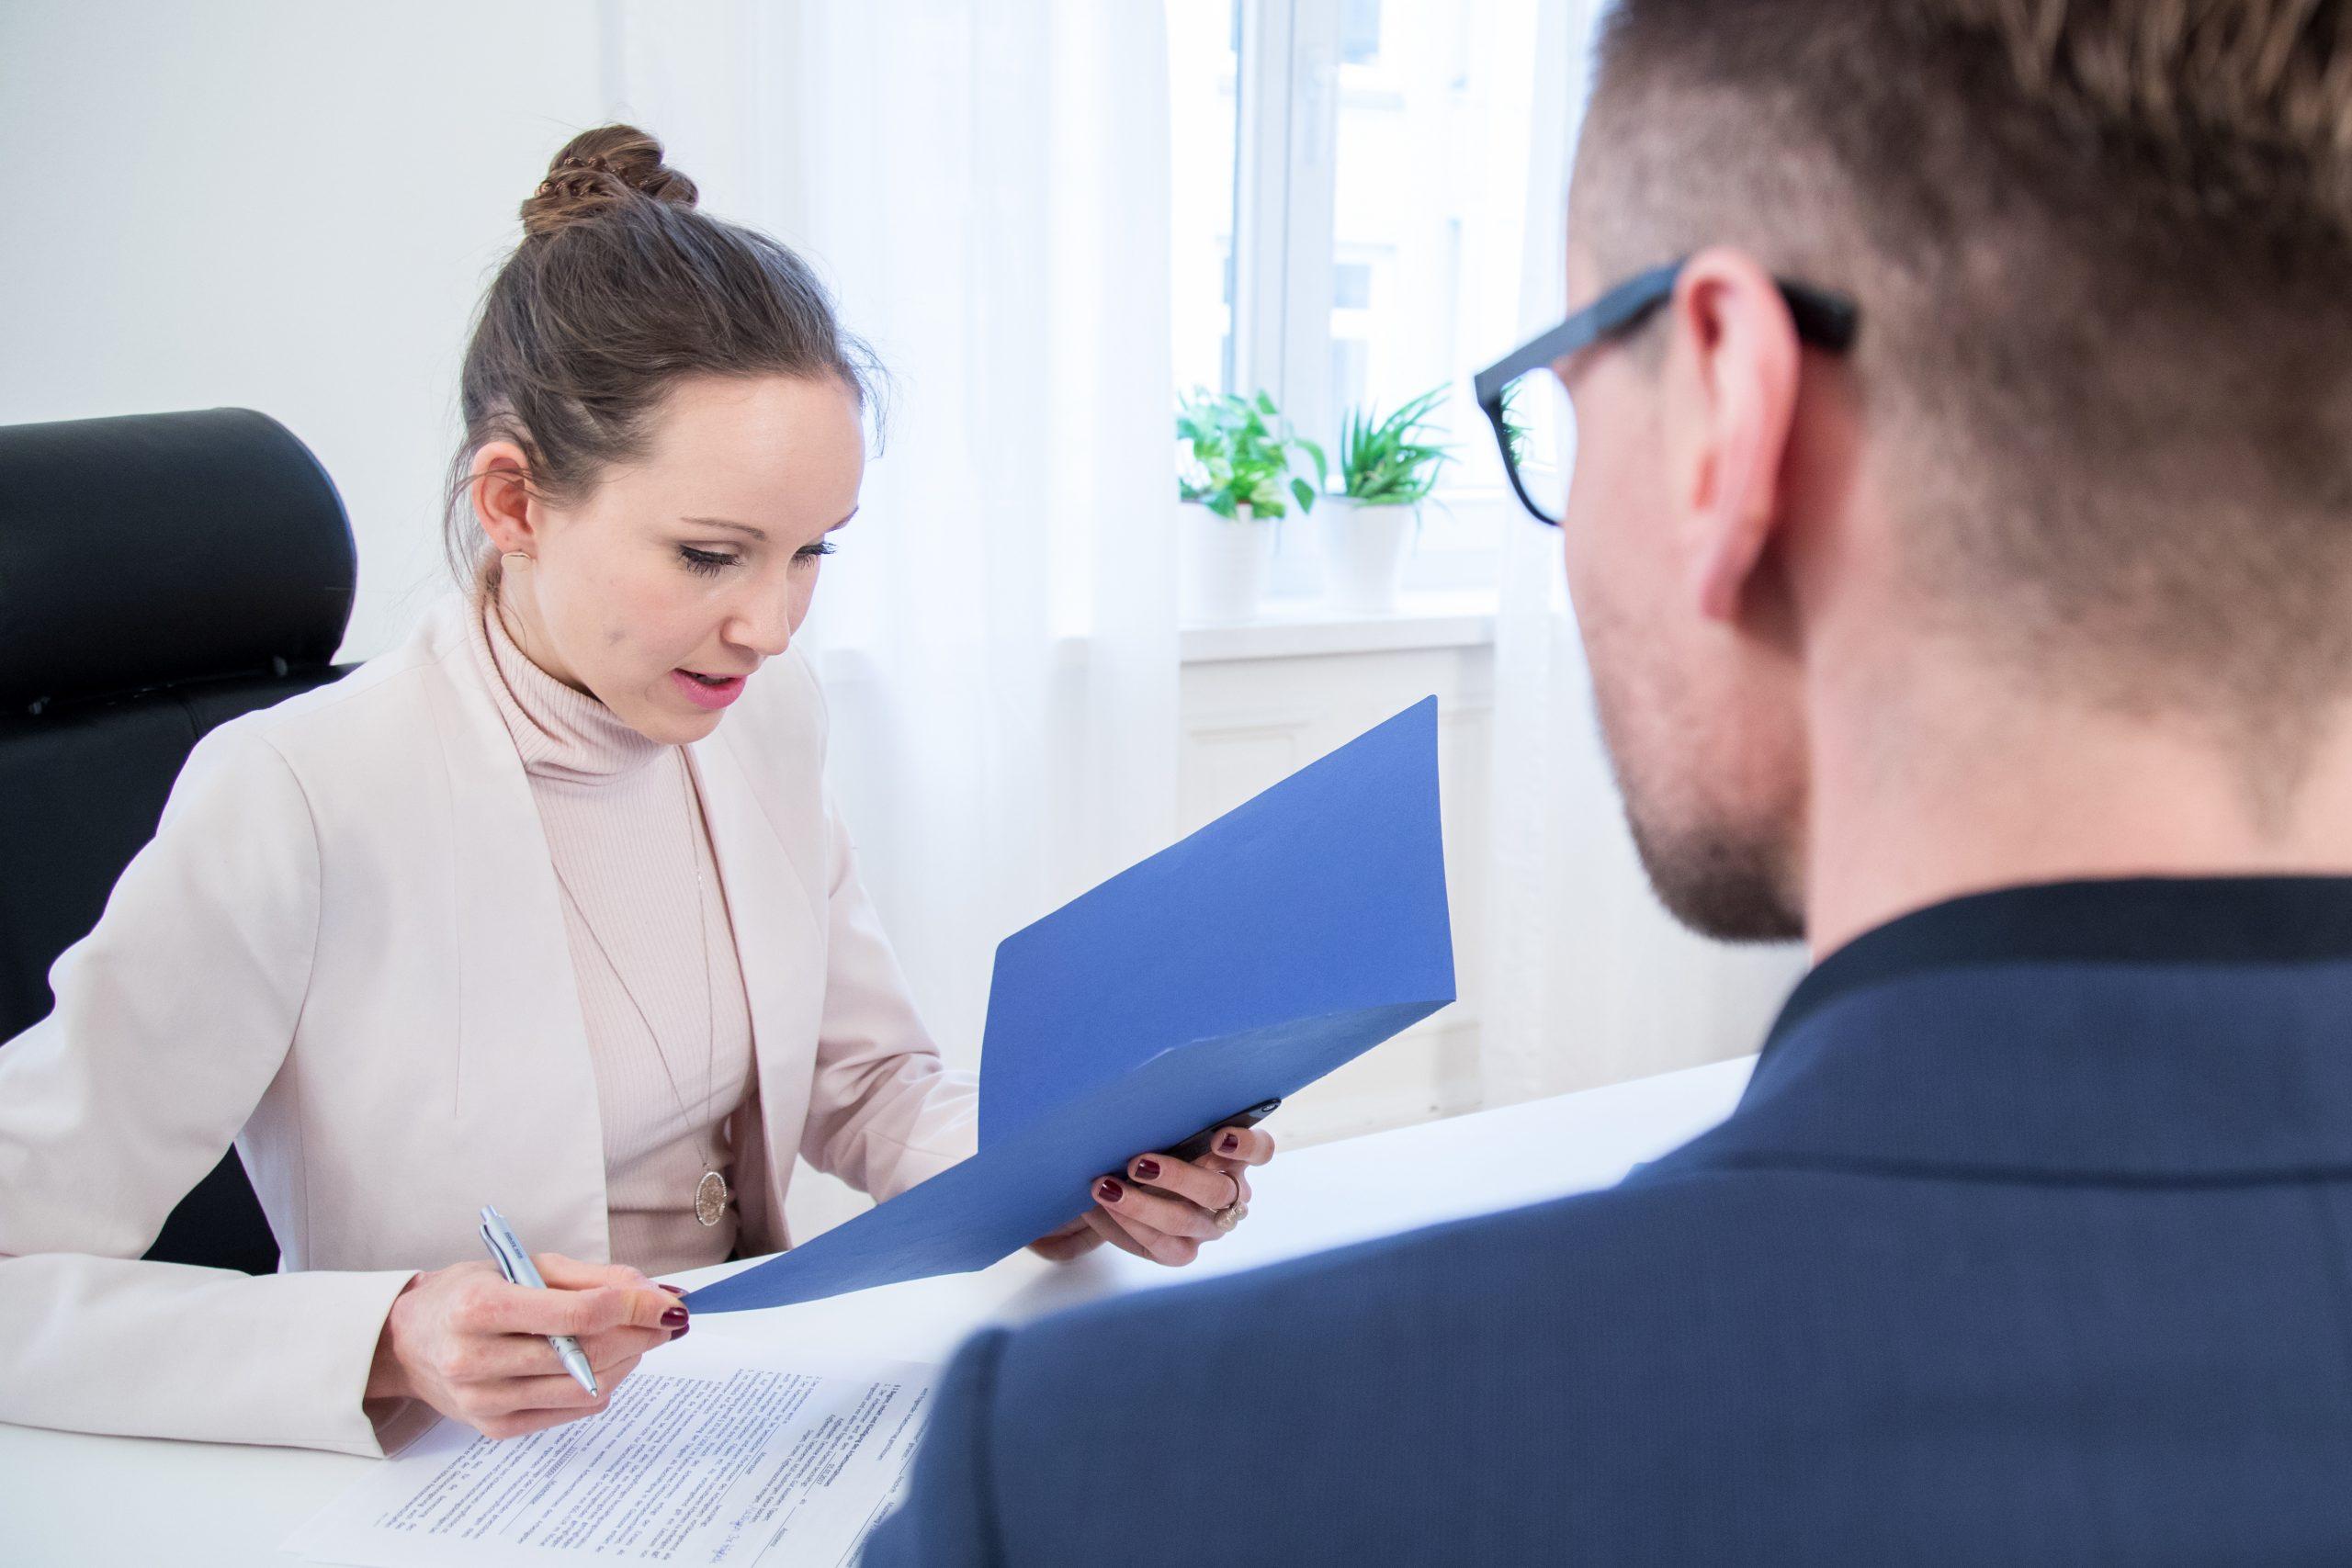 Cómo responder de manera inteligente en entrevistas de trabajo